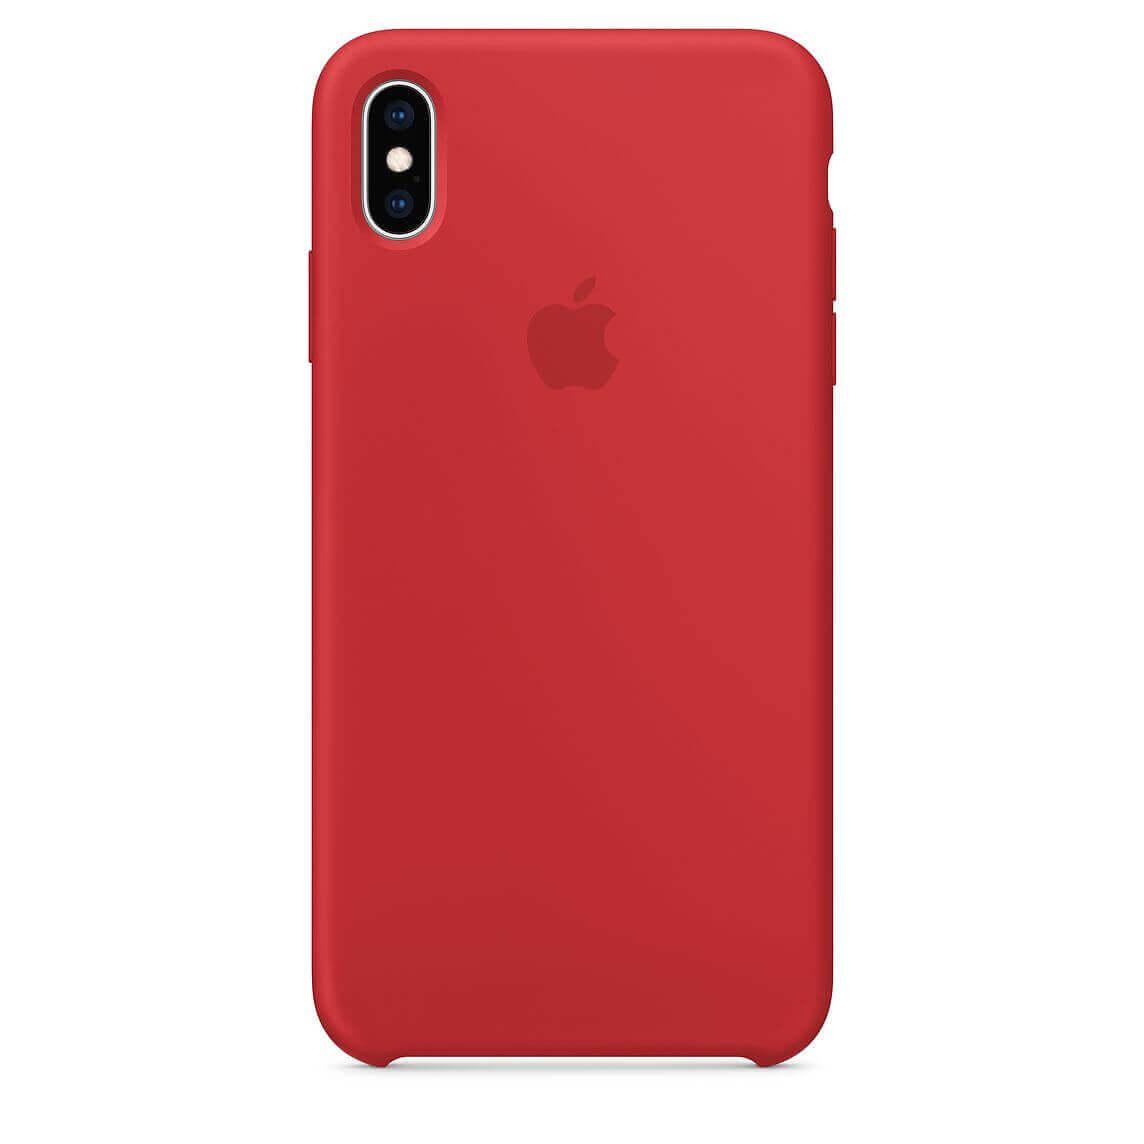 Apple Silicone Case — оригинален силиконов кейс за iPhone XS (червен) (bulk) - 1